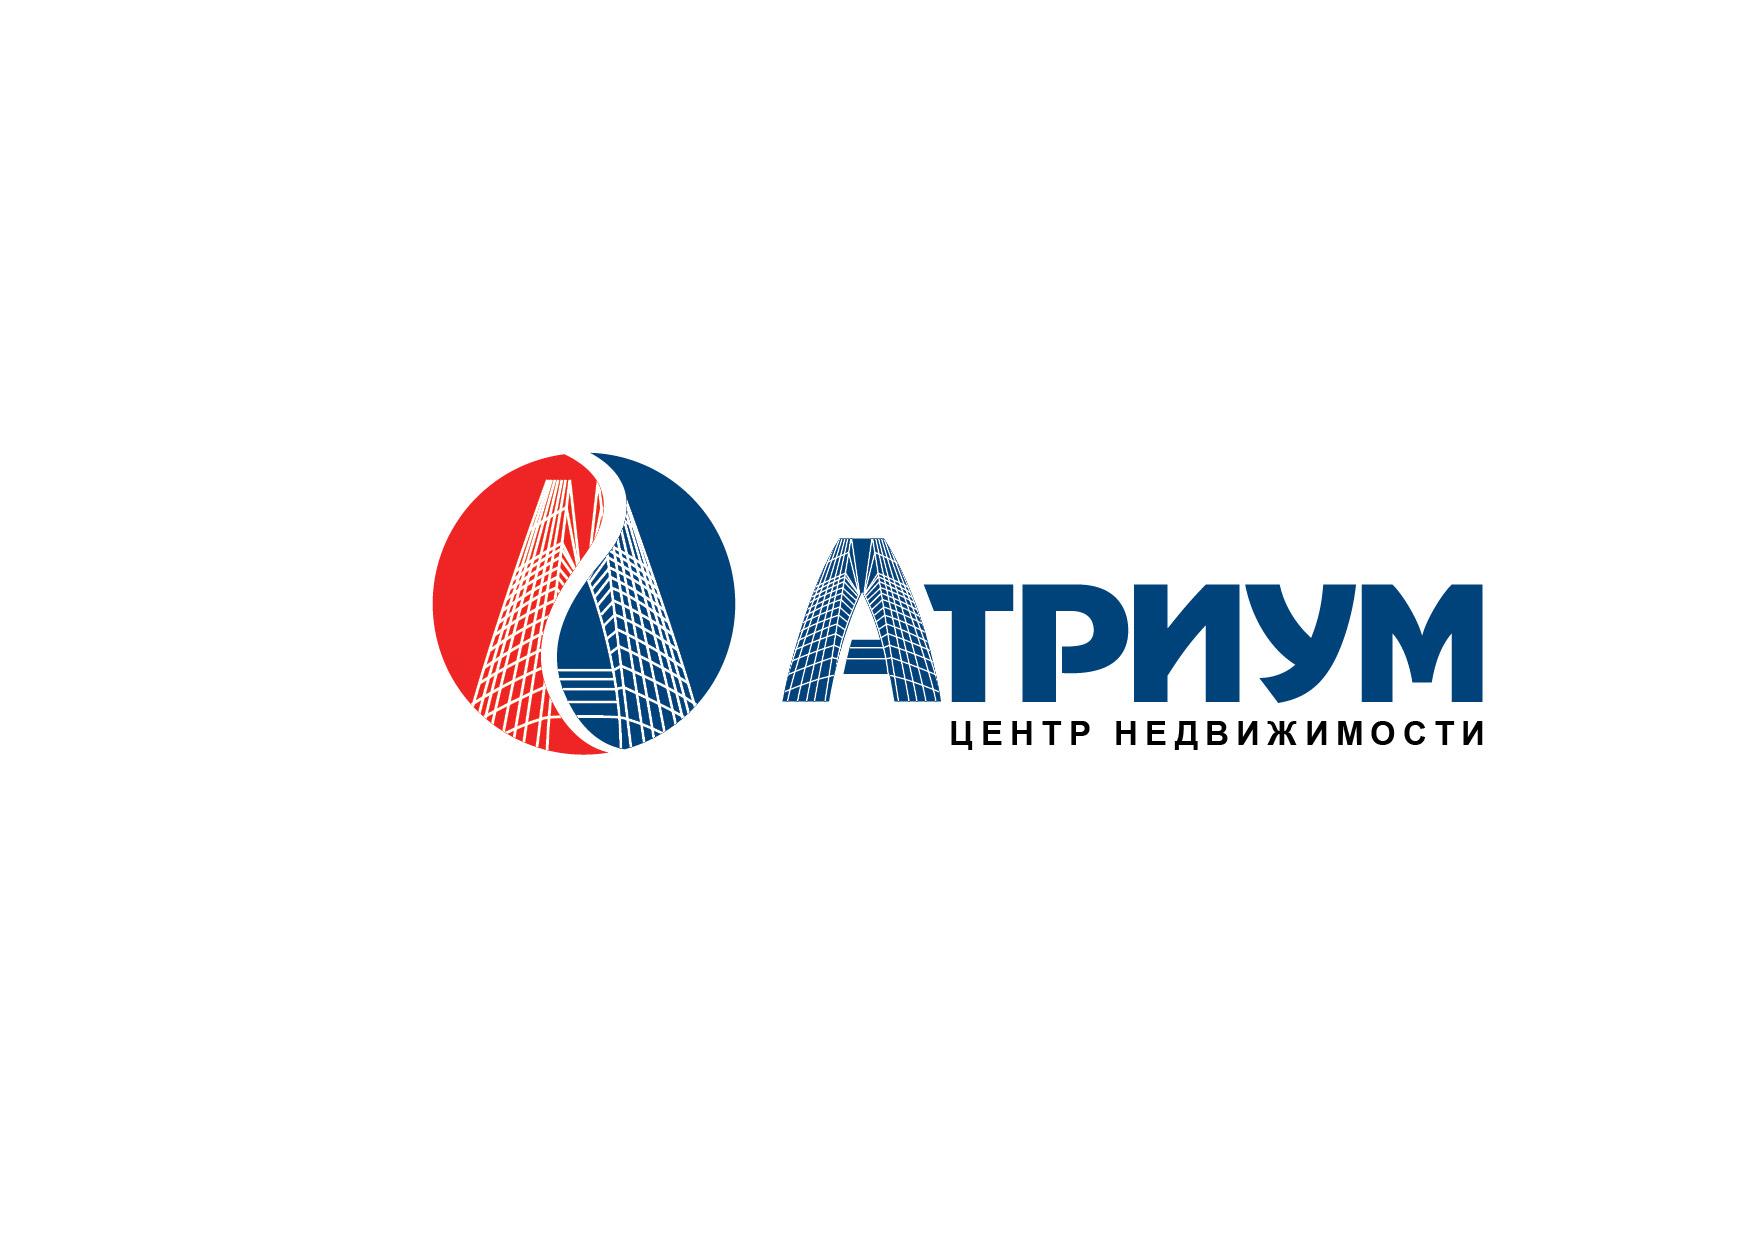 Редизайн / модернизация логотипа Центра недвижимости фото f_1355bc0b51f78f51.jpg